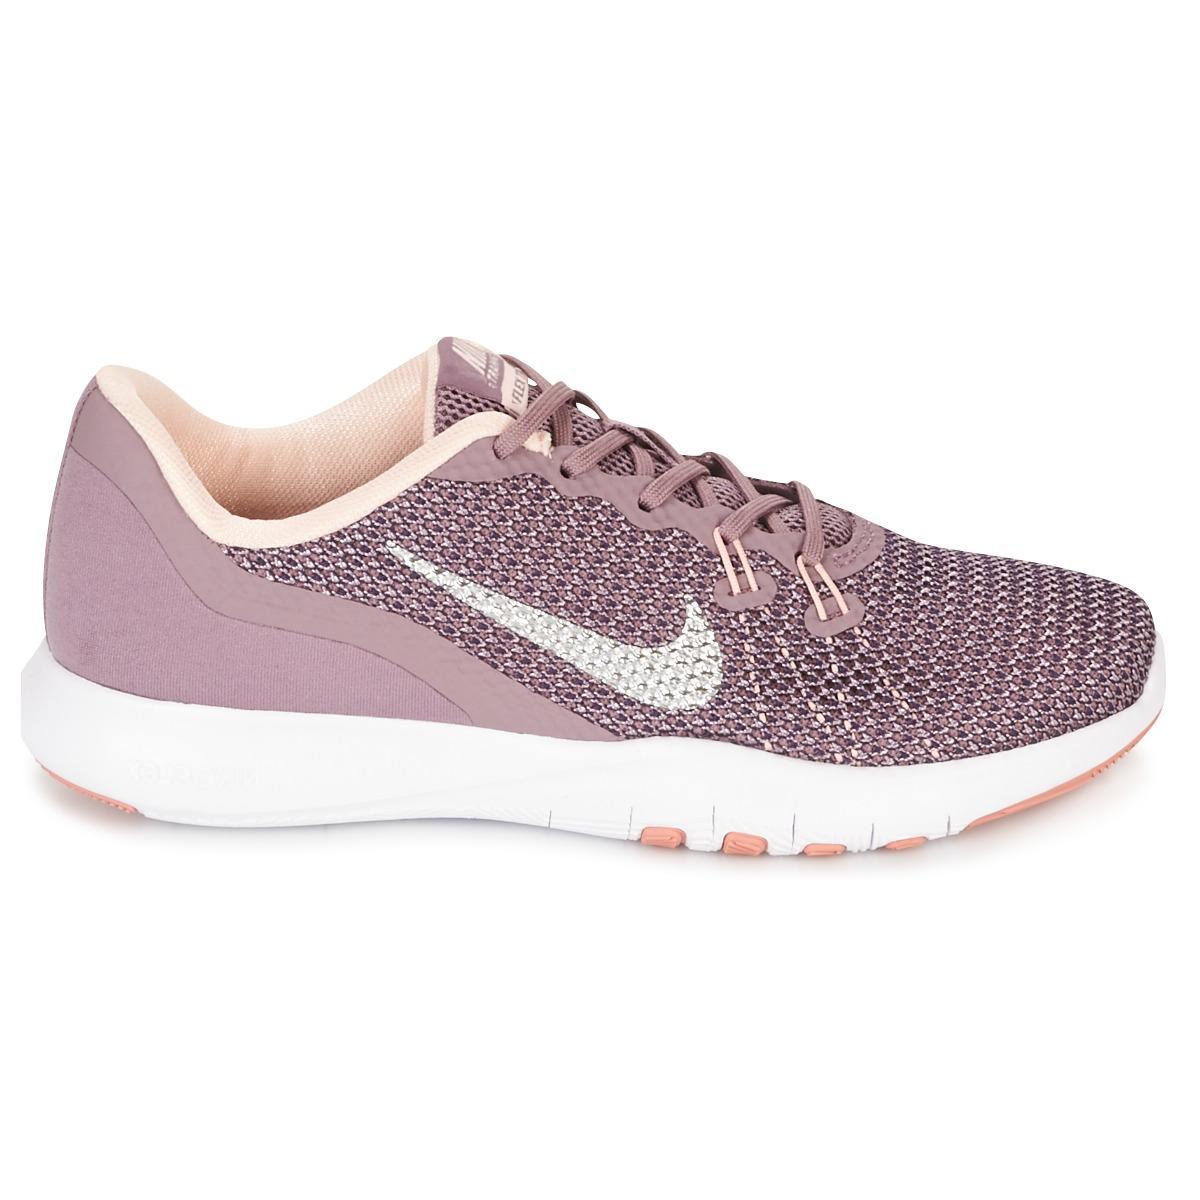 49638c6b0 Nike Flex Trainer 7 Bionic W Women s Trainers In Purple in Purple - Lyst